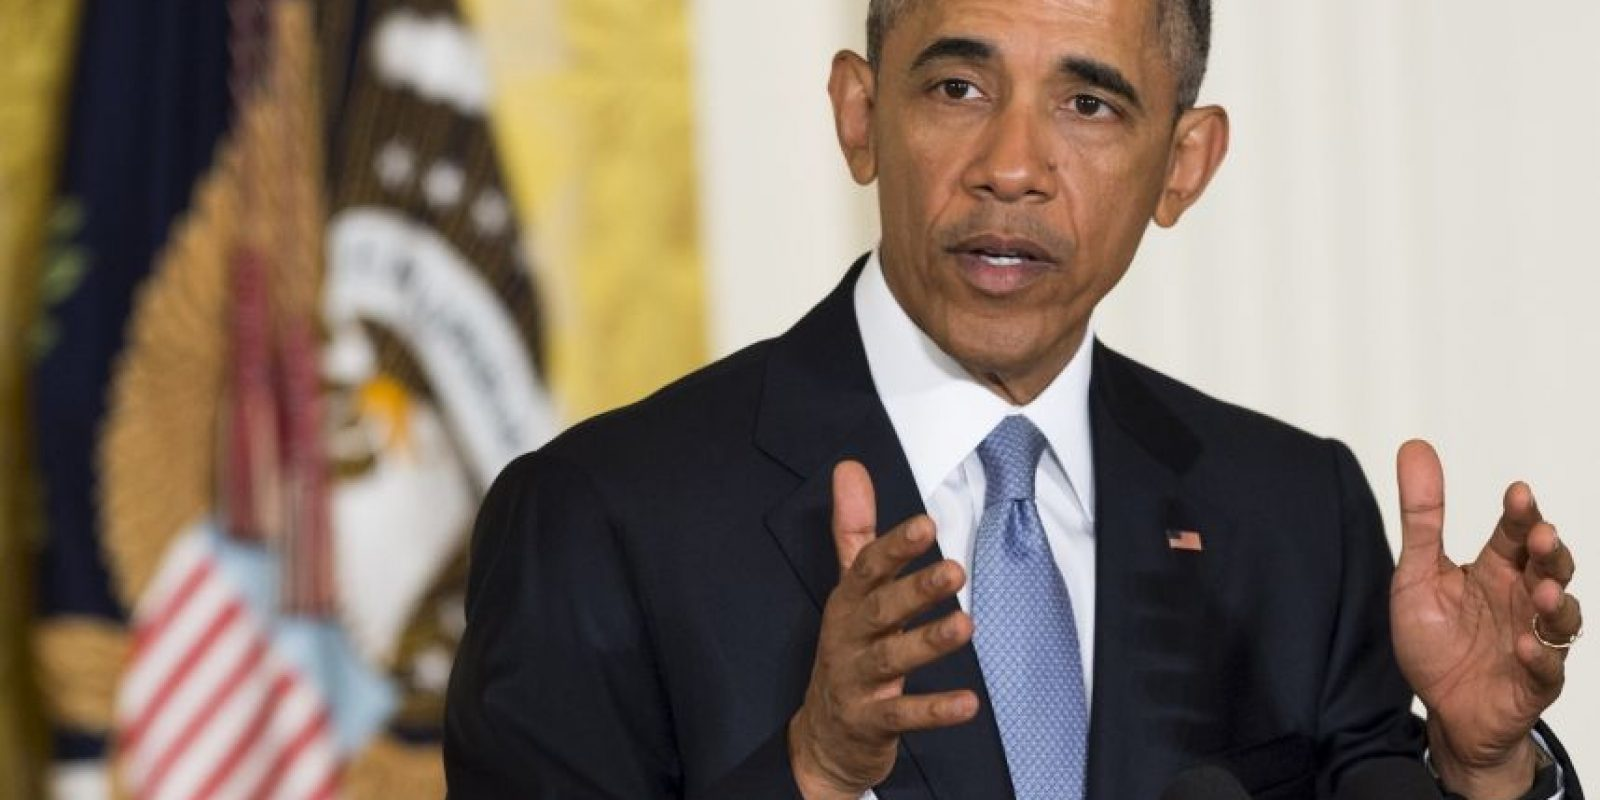 El presidente aseguró que los presos en la actualidad ya hubieran cumplido su sentencia. Foto:AFP